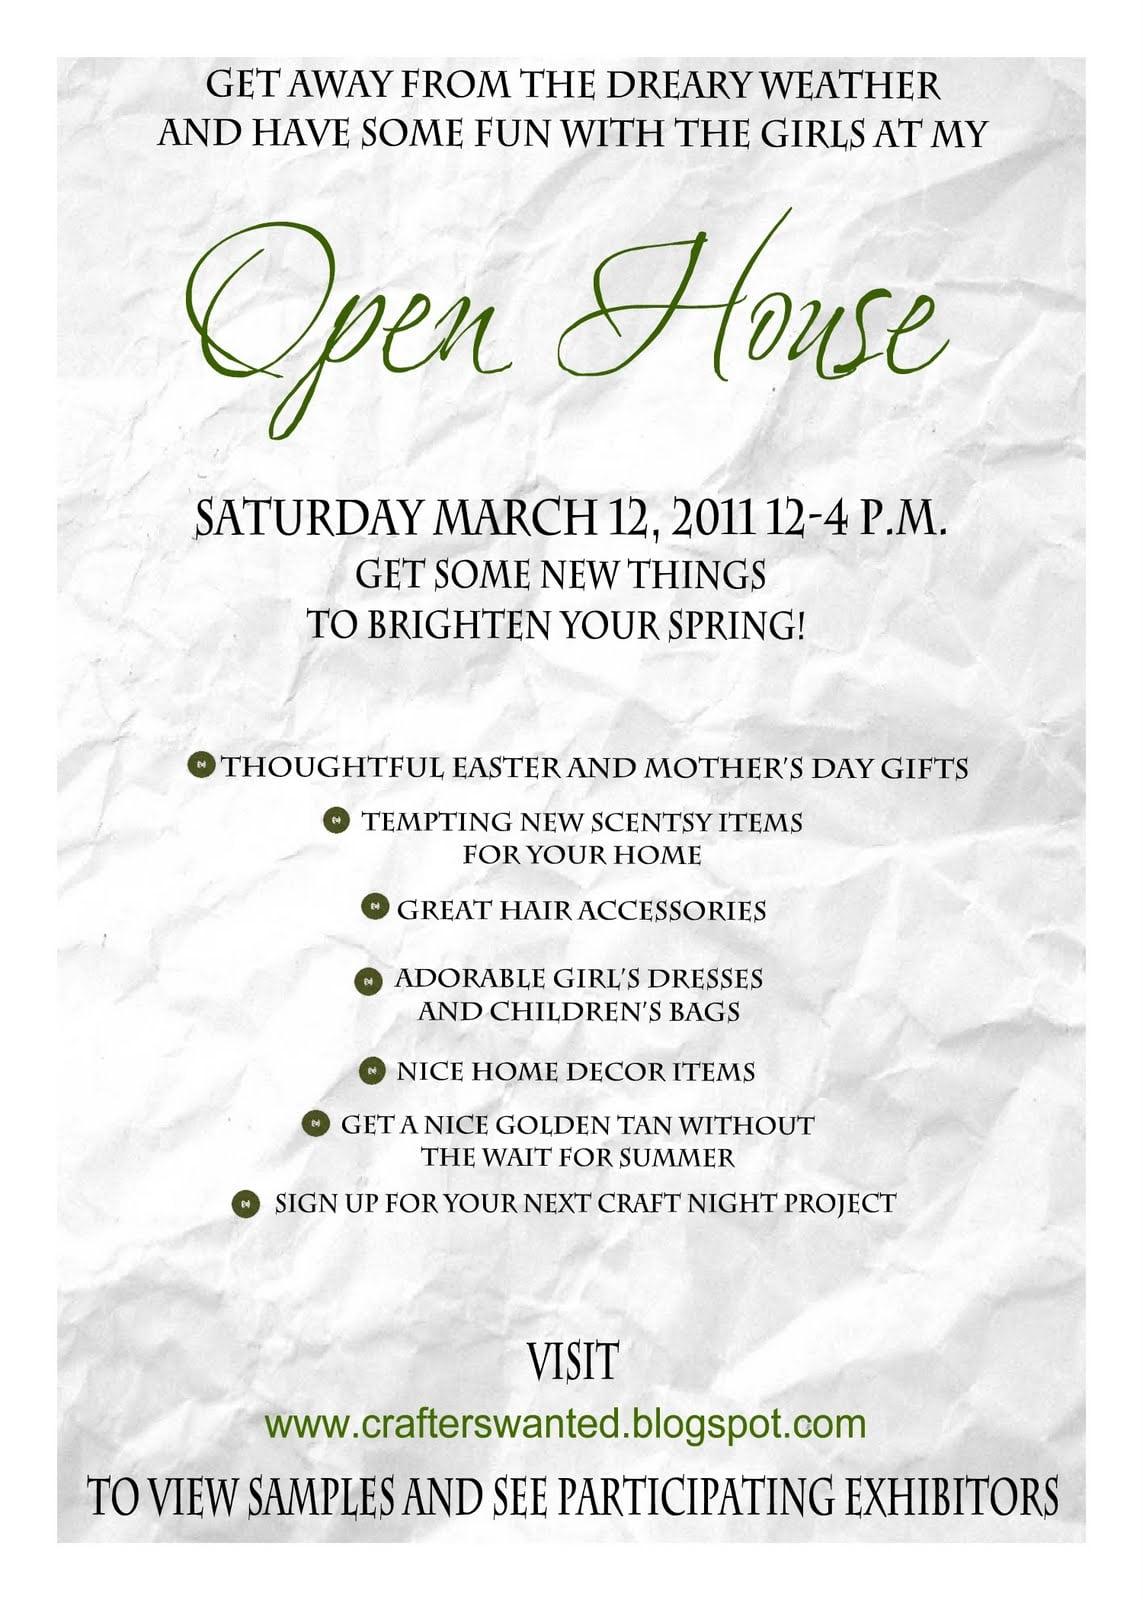 Open House Housewarming Party Invitation Wording – Shuangyi Zhongge